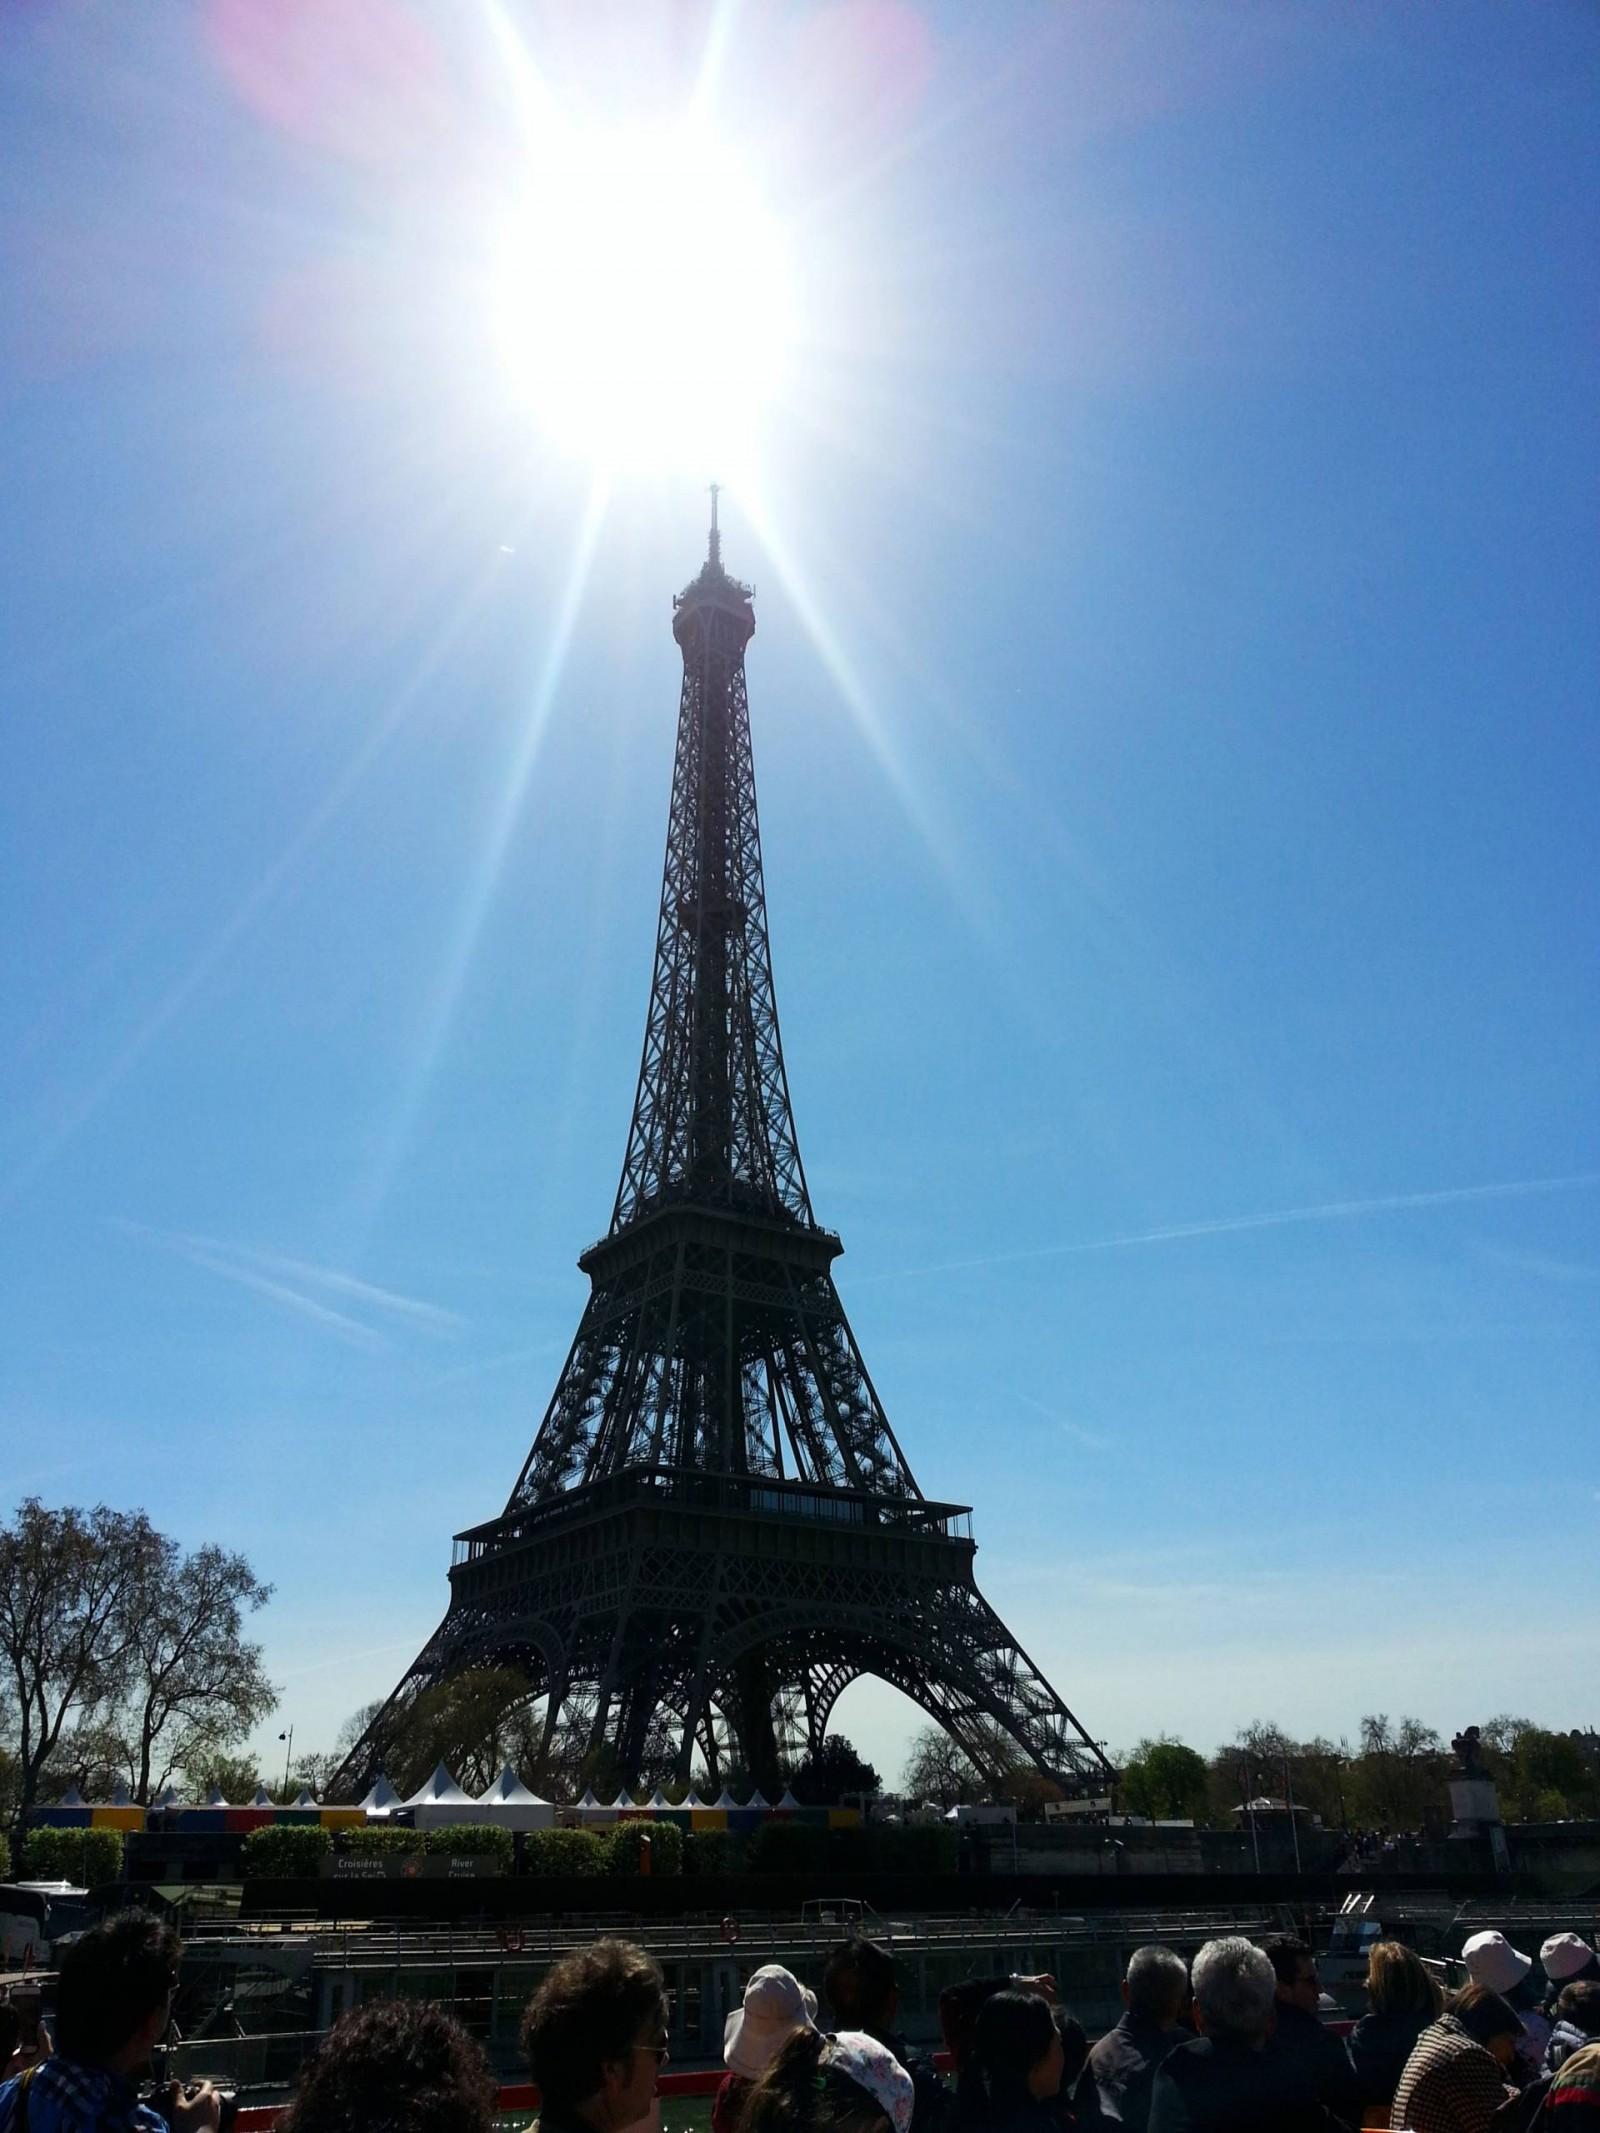 Eiffel Tower Seine cruise